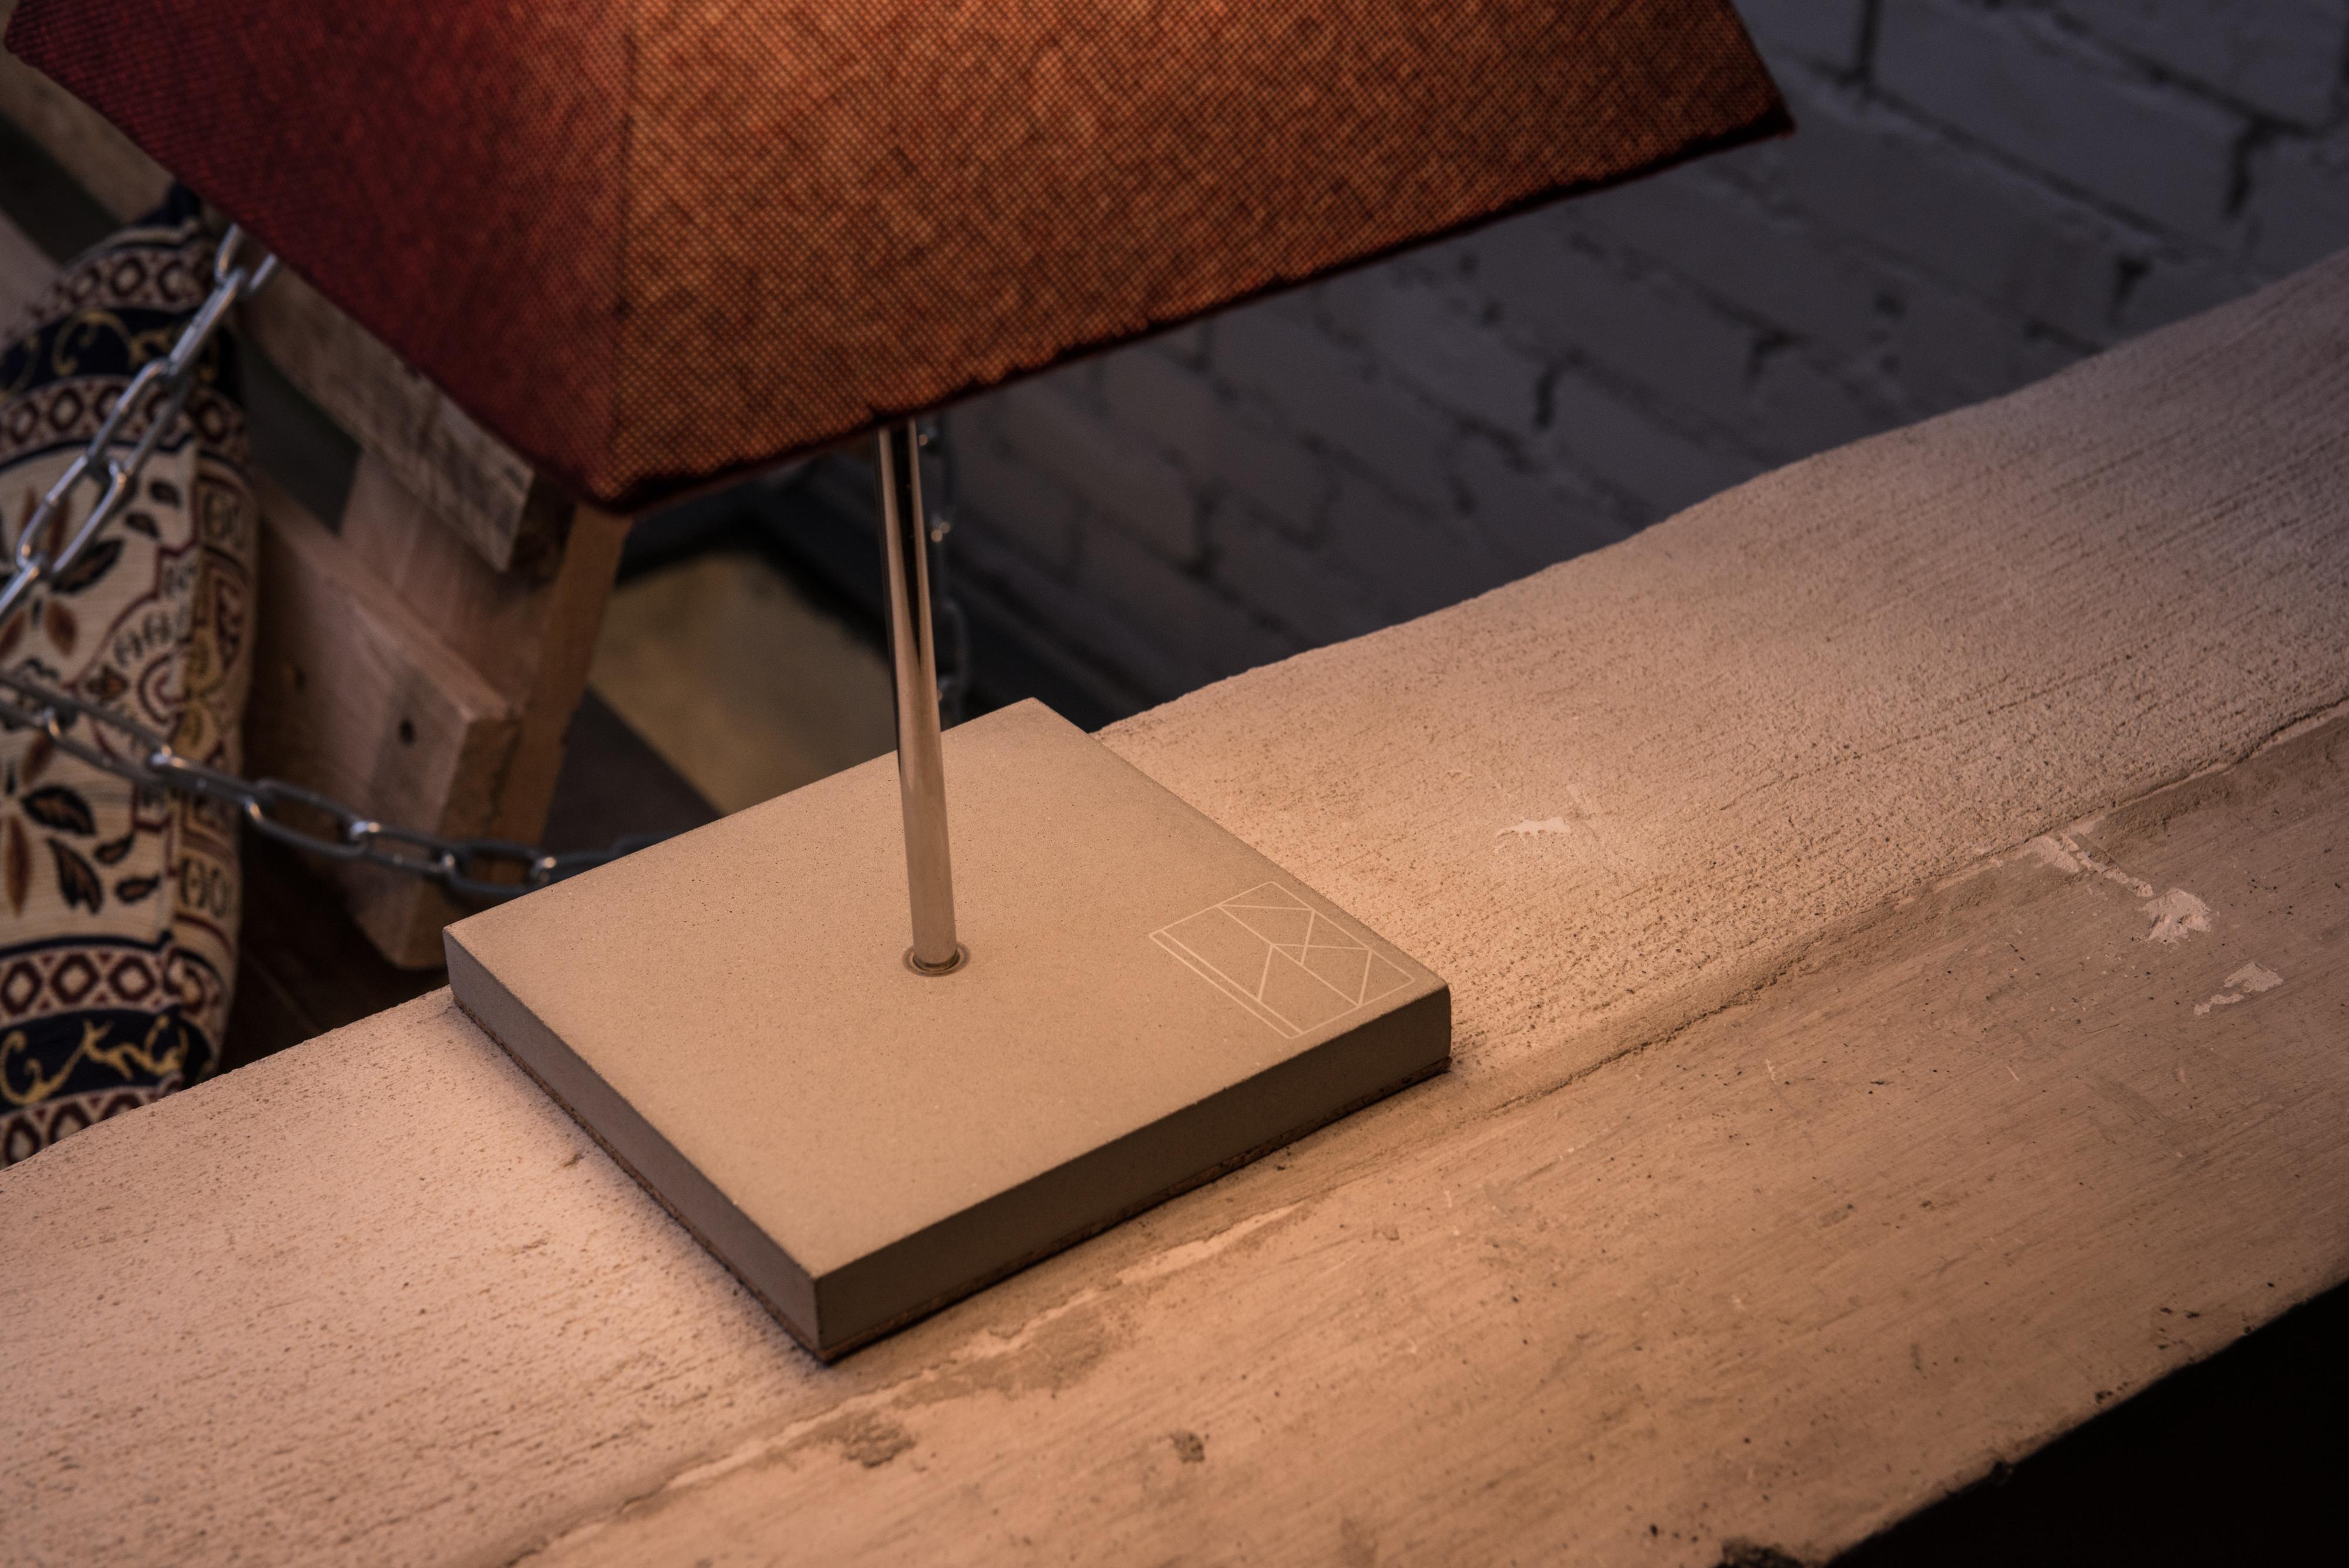 Beton-Stehleuchte ELINA aus der Heine & Becker Manufaktur